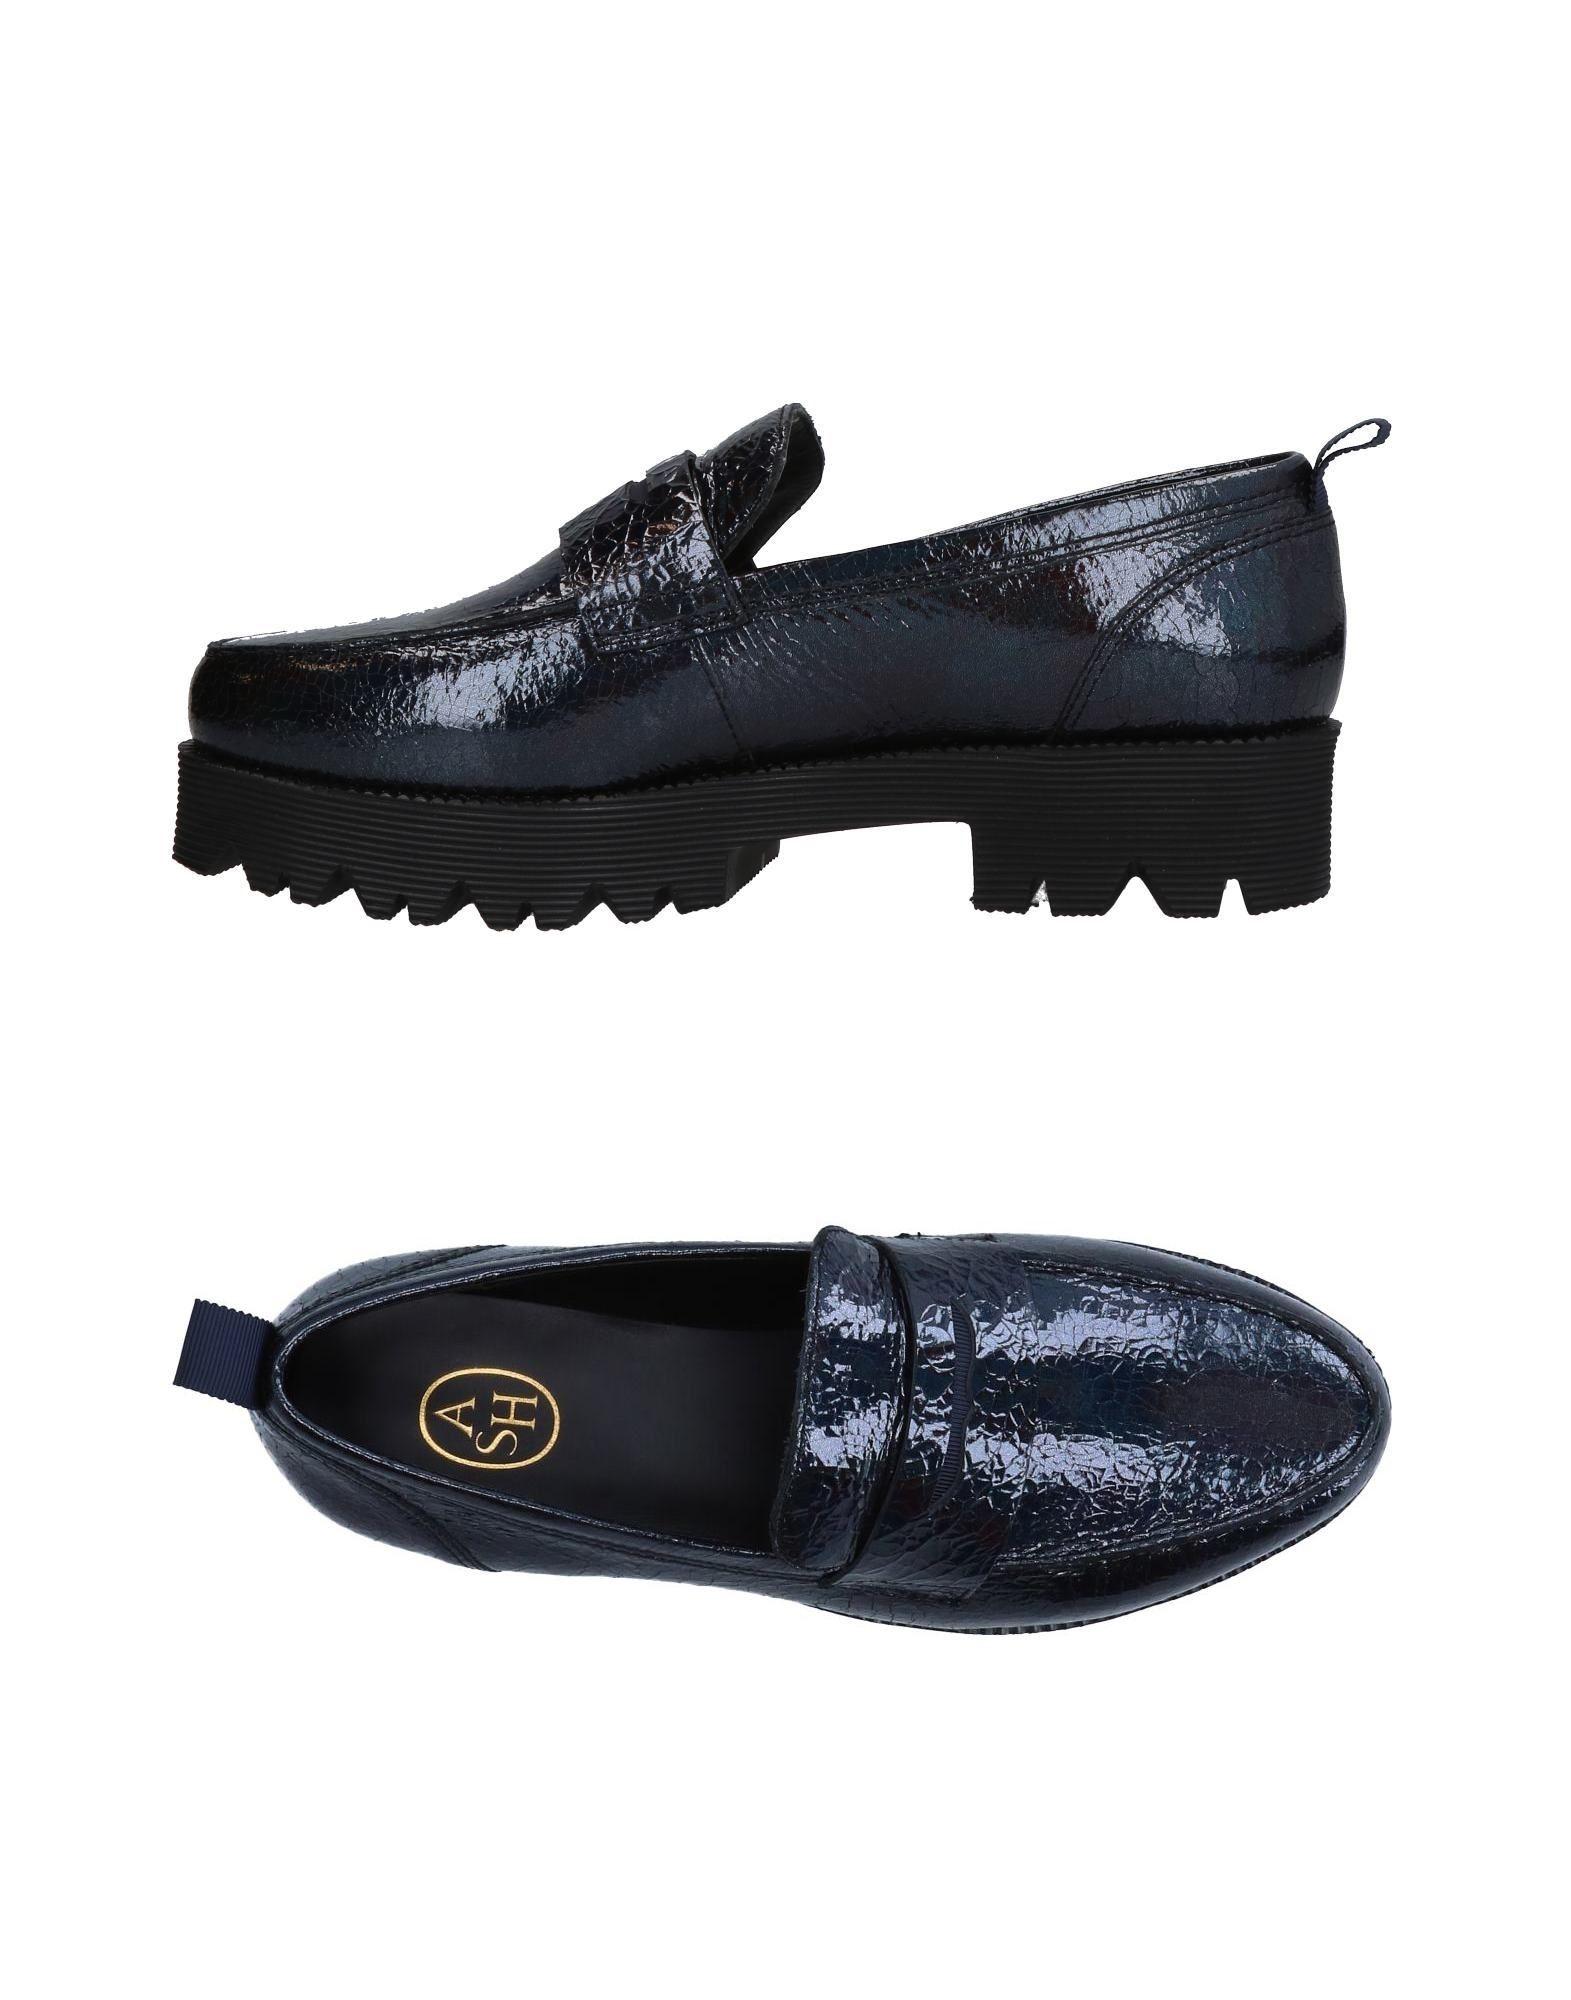 Ash Gute Mokassins Damen  11316288PS Gute Ash Qualität beliebte Schuhe 426378